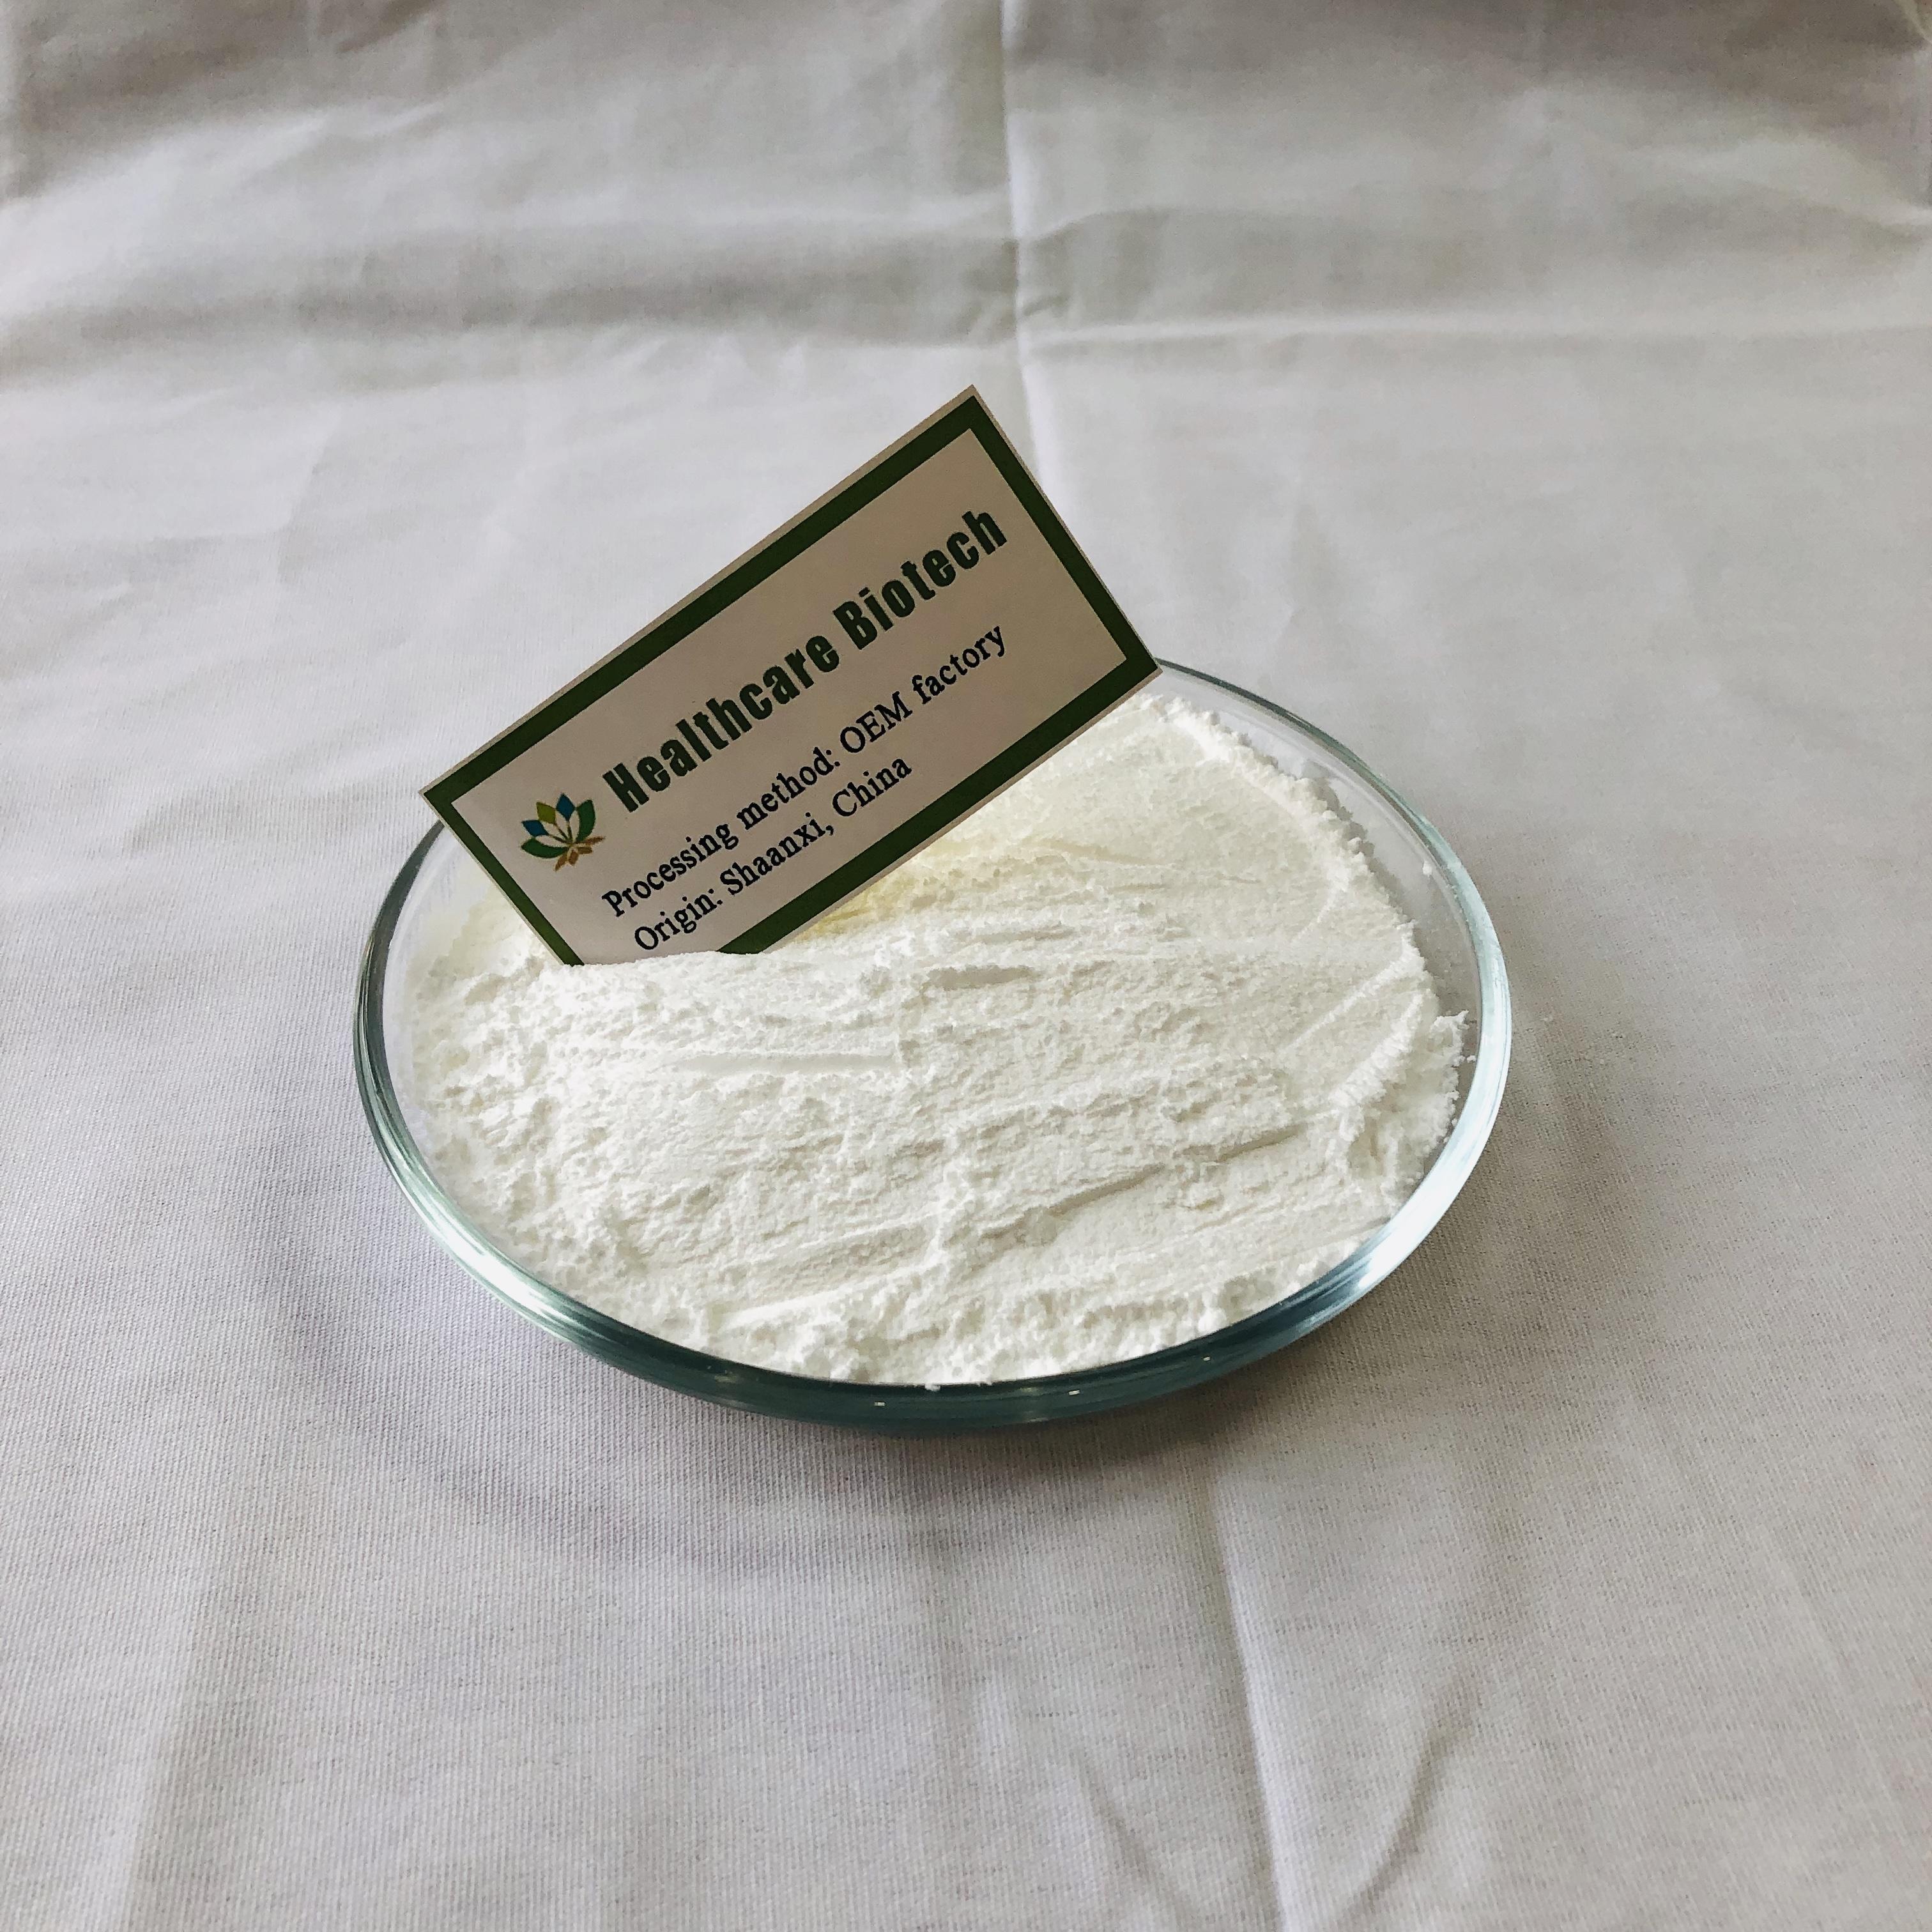 Kellypriceandcompany info ⁓ Top Twelve Buy Tianeptine Sodium Powder